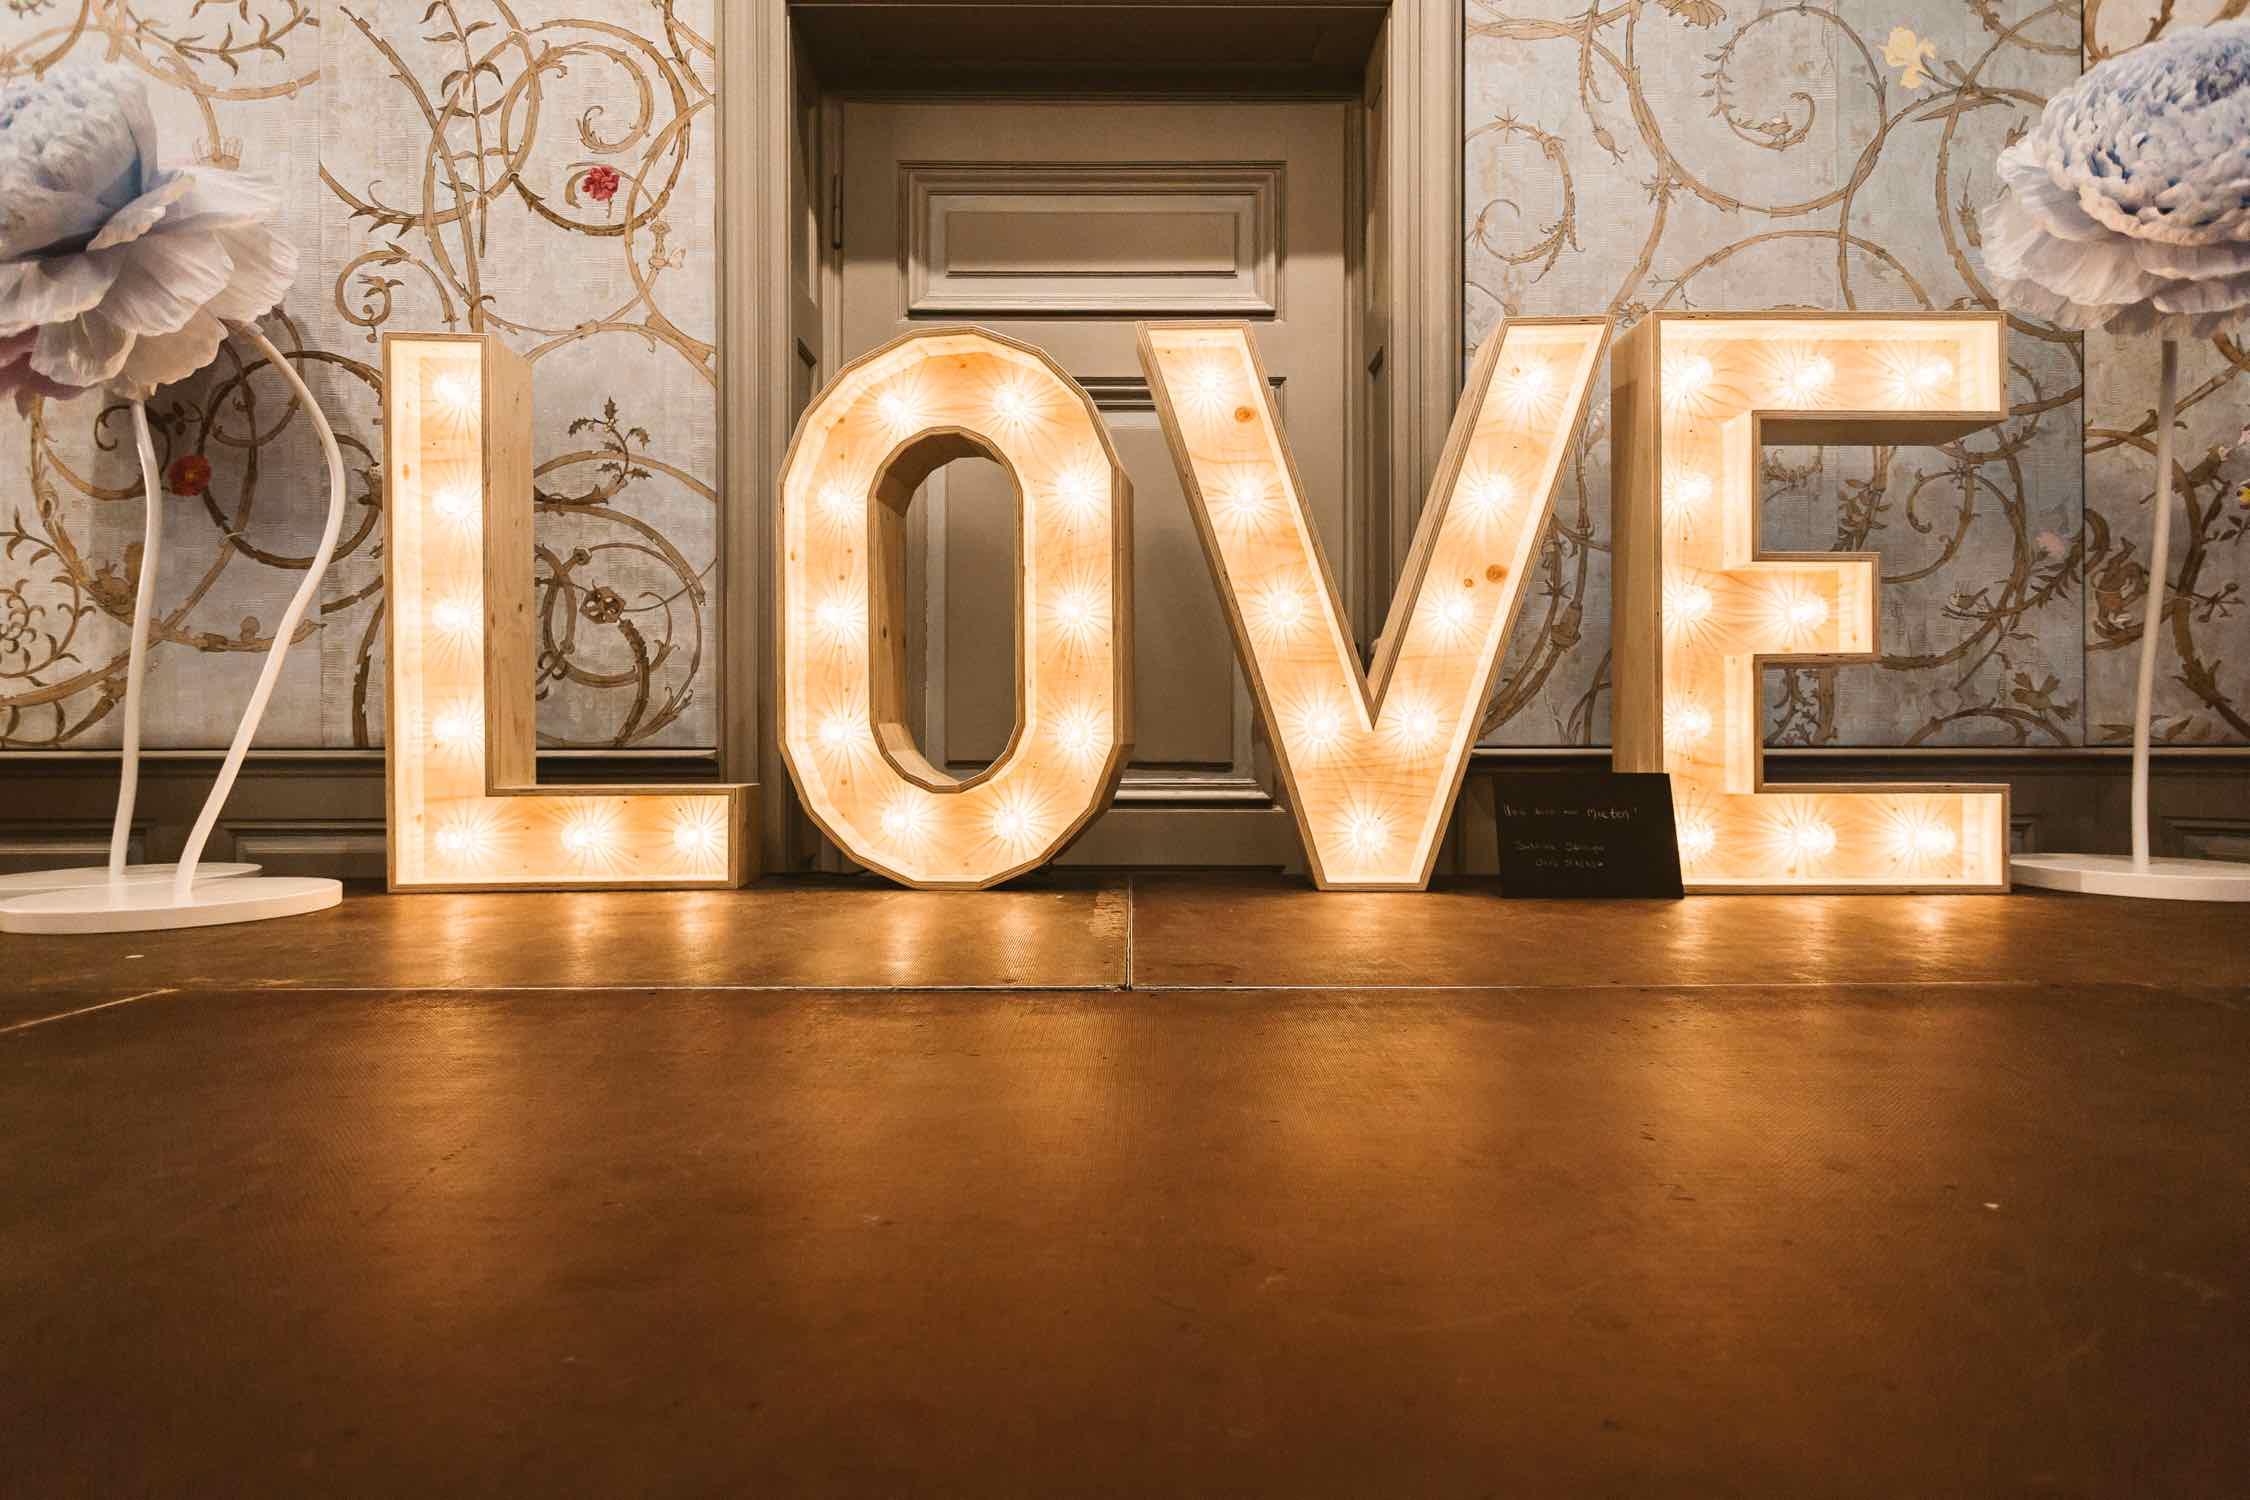 Hochzeitstrend 2019, Hochzeitsplaner, Dekoverleih NRW, Leuchtbuchstaben, Marqueelights, Love, Lichtbuchstaben